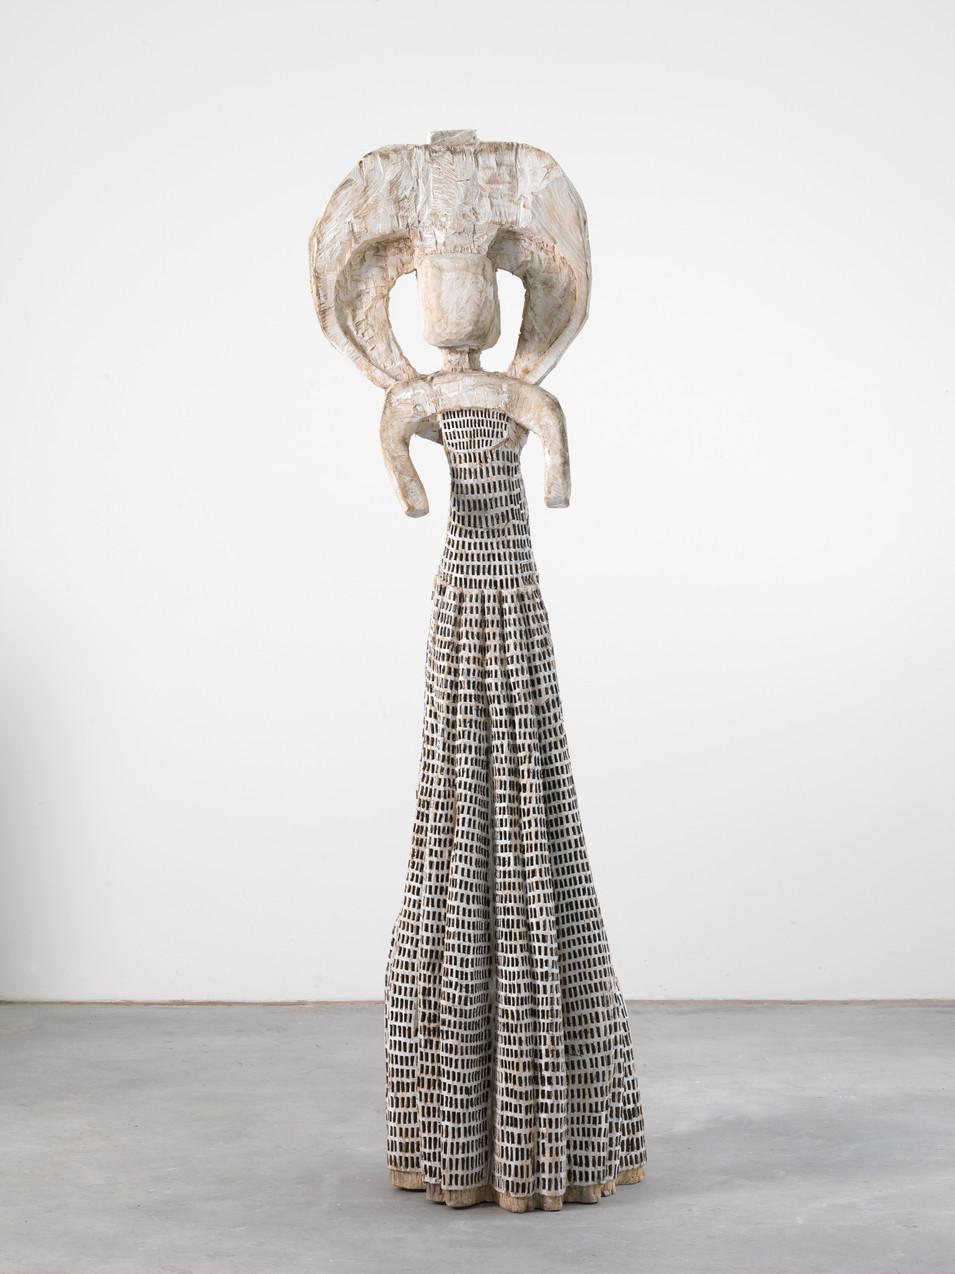 Klaus Hack | Große Kleidfigur | 2003-2007 | Holz | weiß gefasst | 202 x 53 x 47 cm | 23.000 Euro